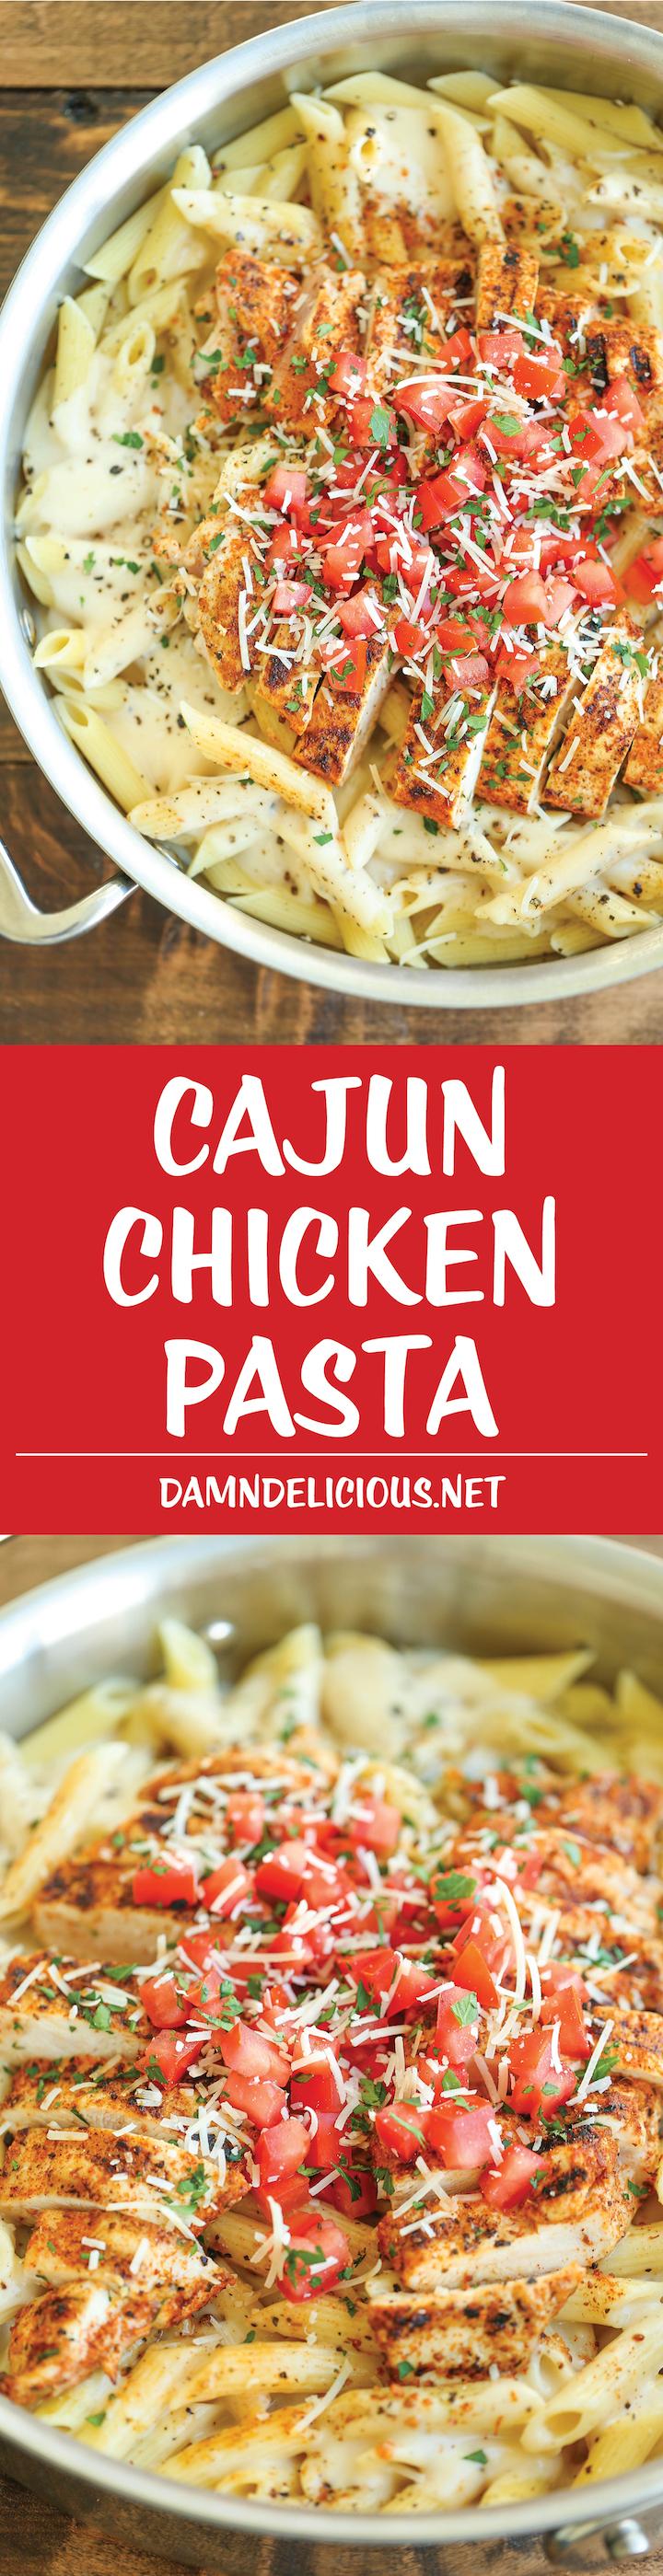 Cajun Chicken Pasta Damn Delicious